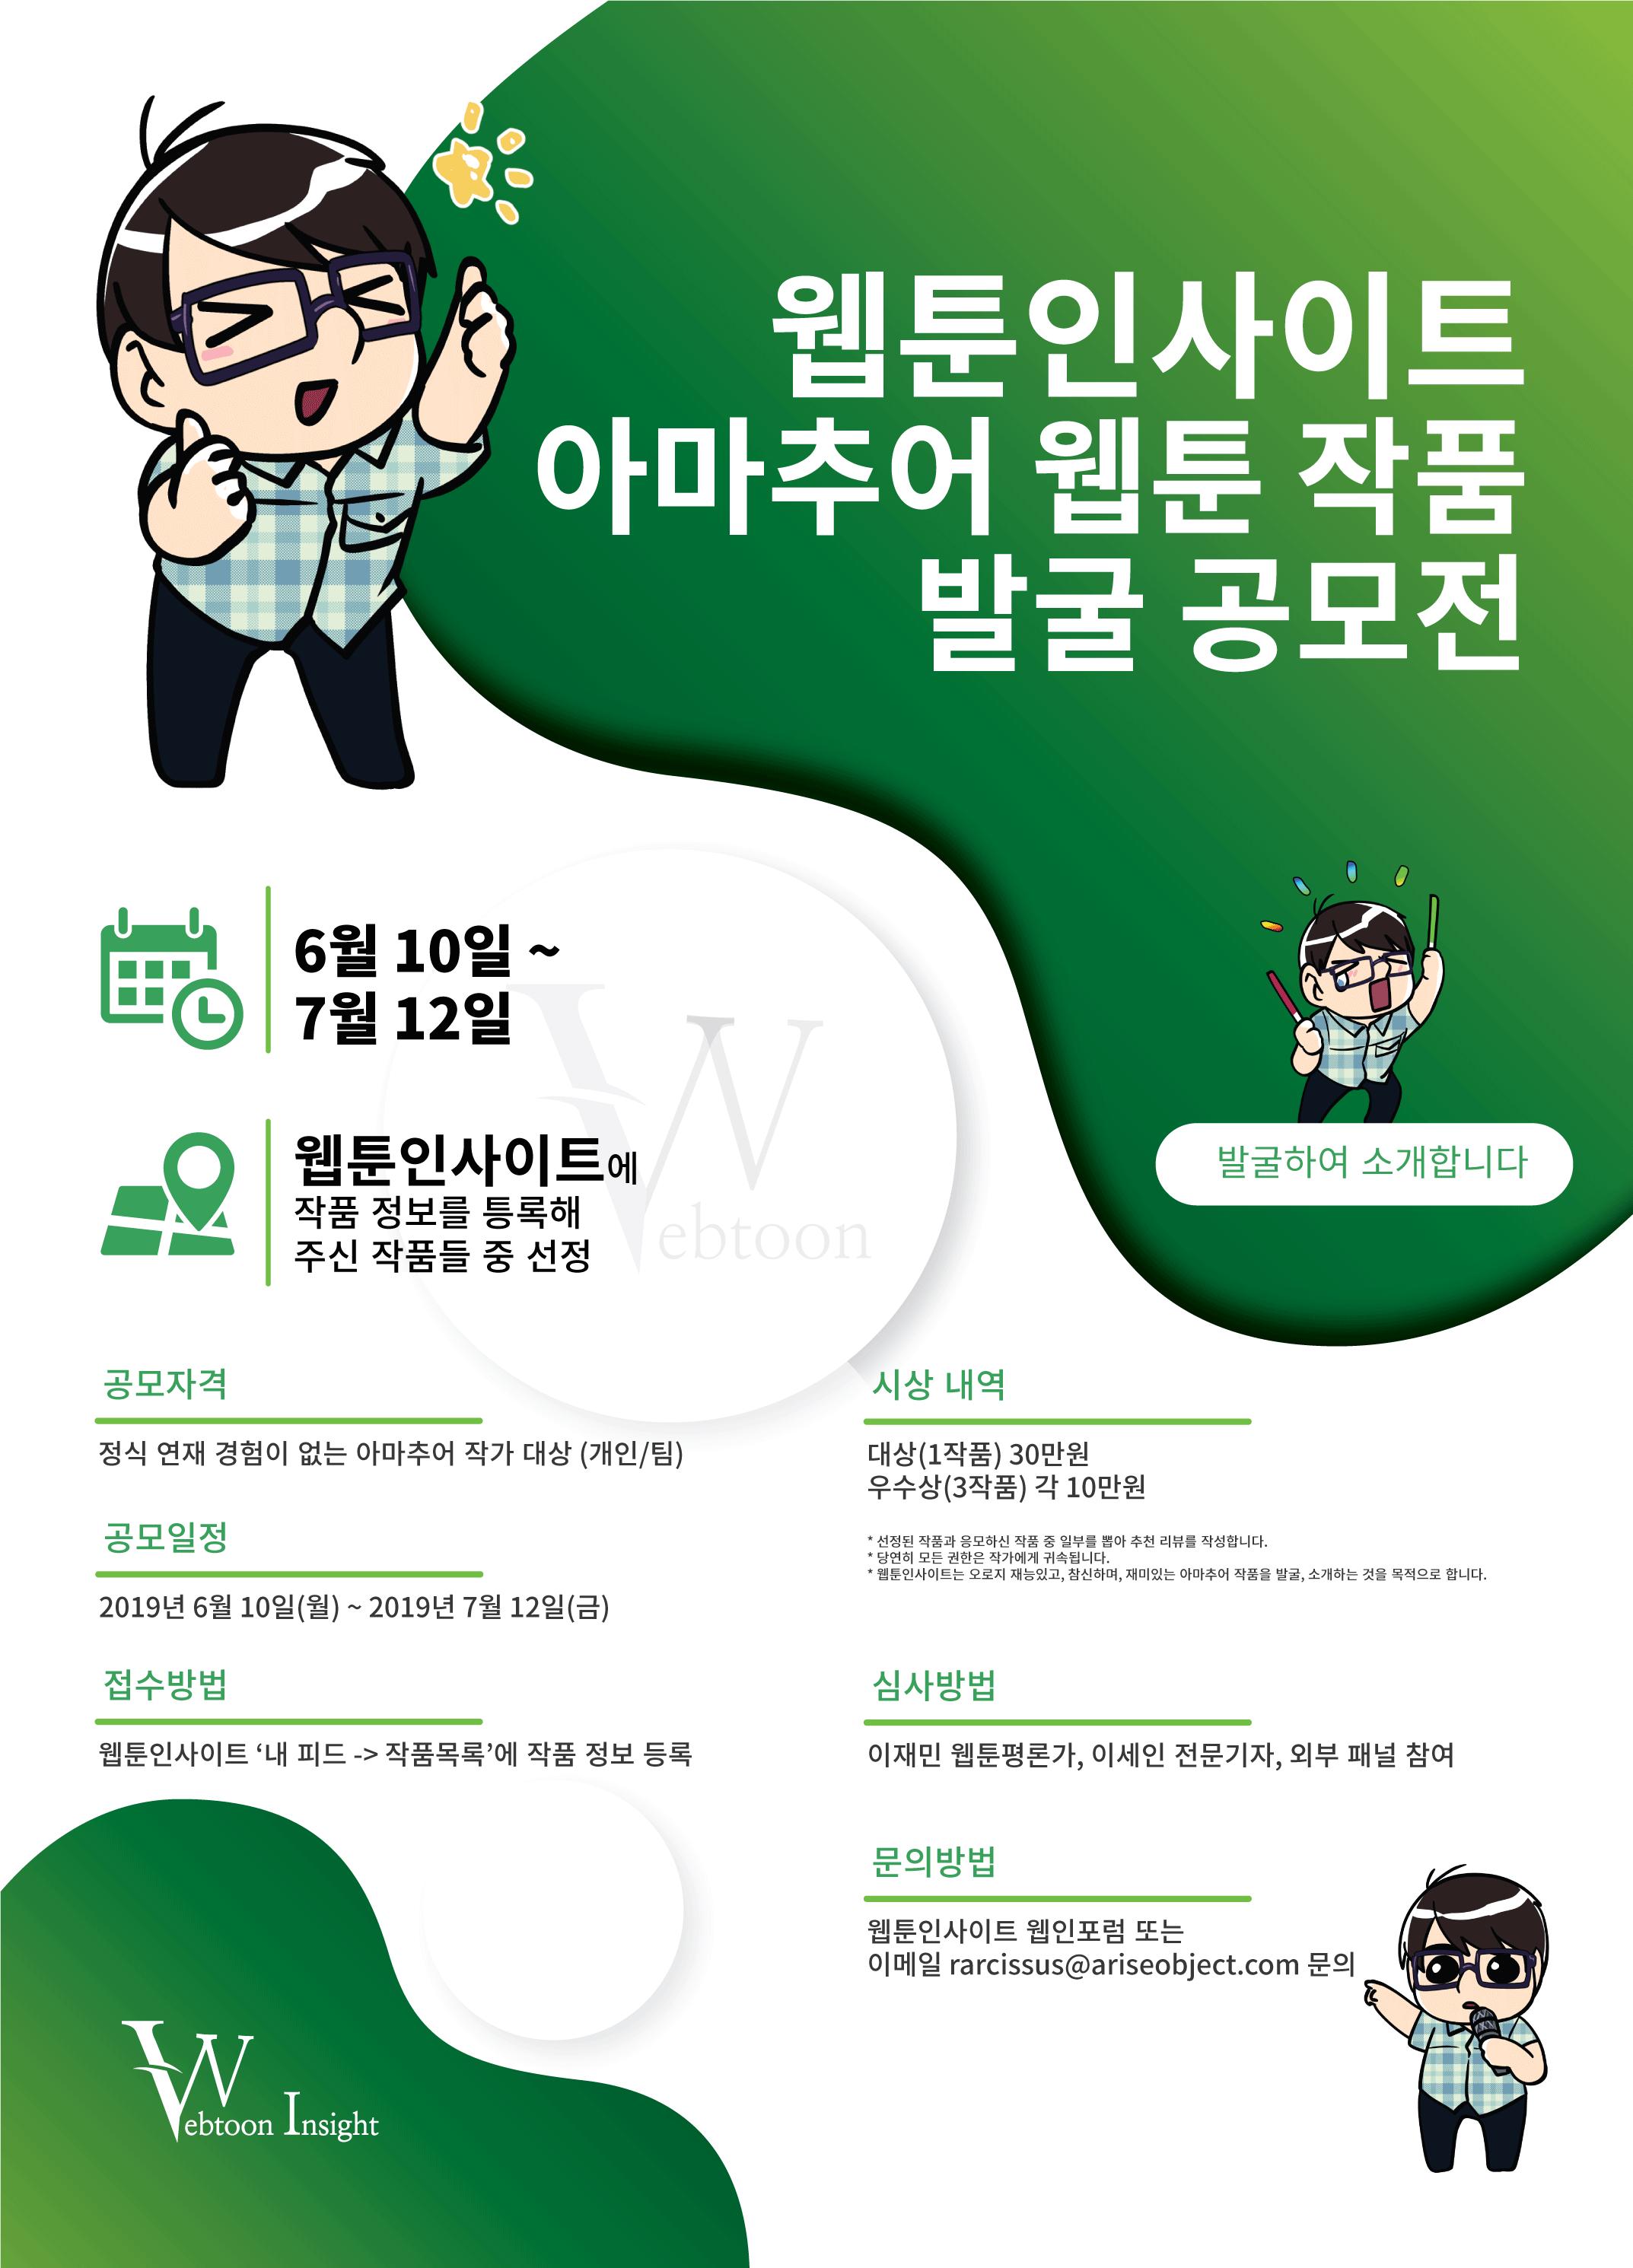 웹툰인사이트 '아마추어 웹툰 발굴 공모전' 개최 (6.10~7.12)